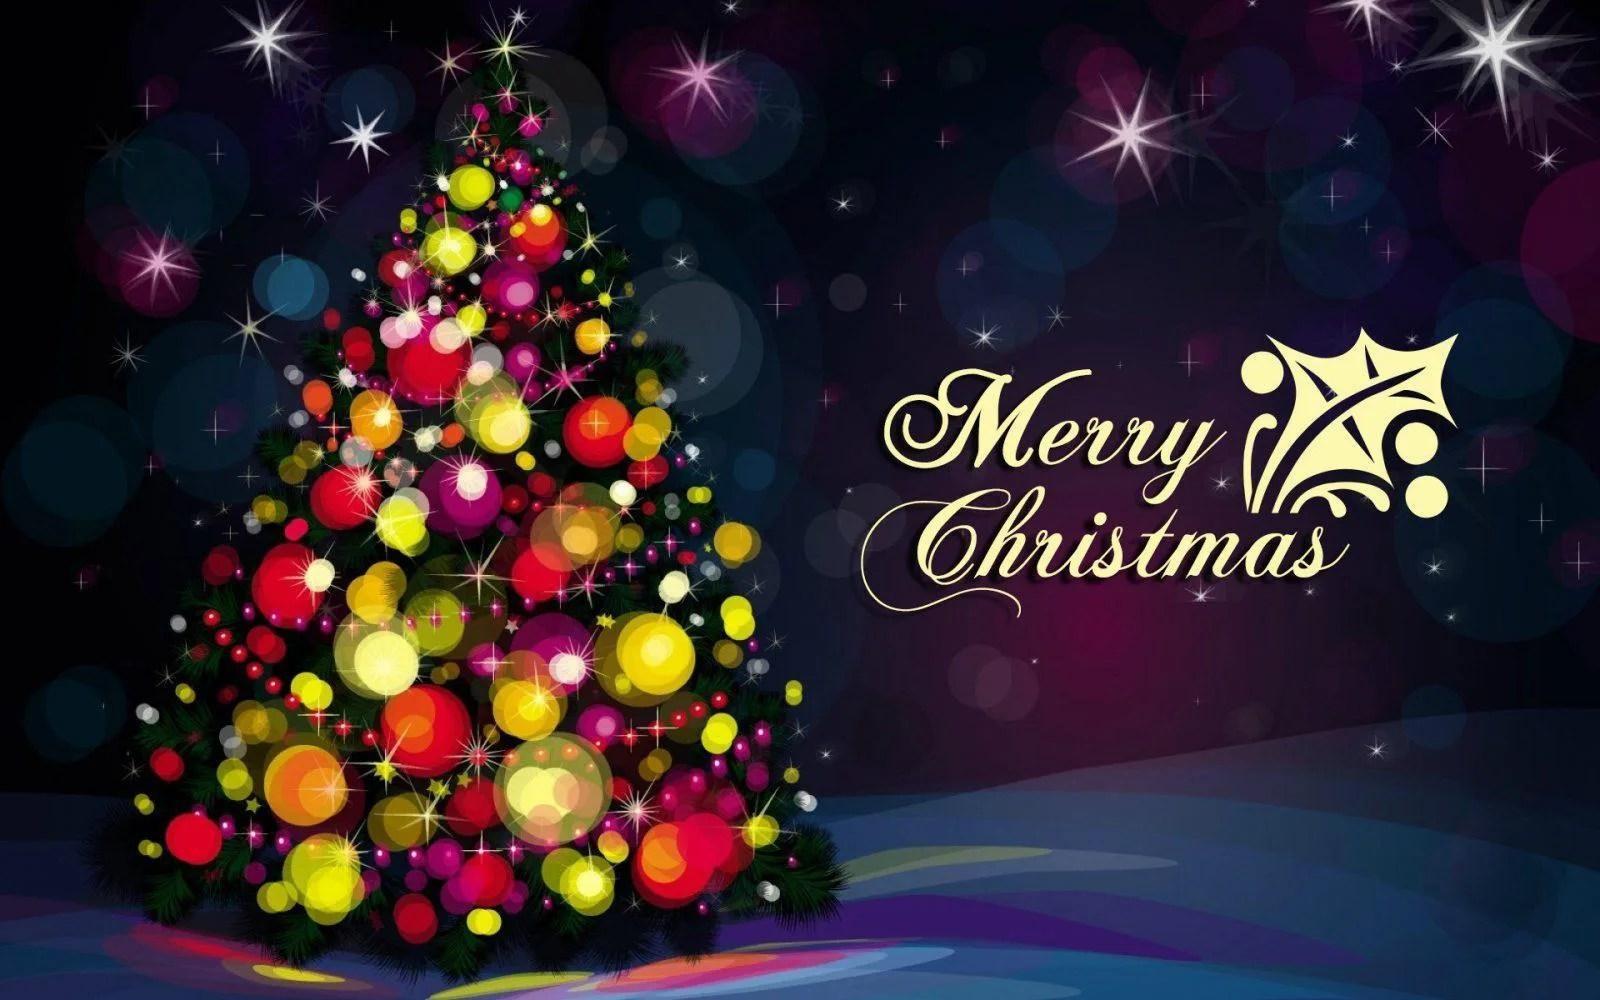 Manda i tuoi auguri di natale con le simpatiche ed originali cartoline di natale; Buone Feste E Buon Natale Immagini Piu Belle E Frasi Di Auguri Opinionitech